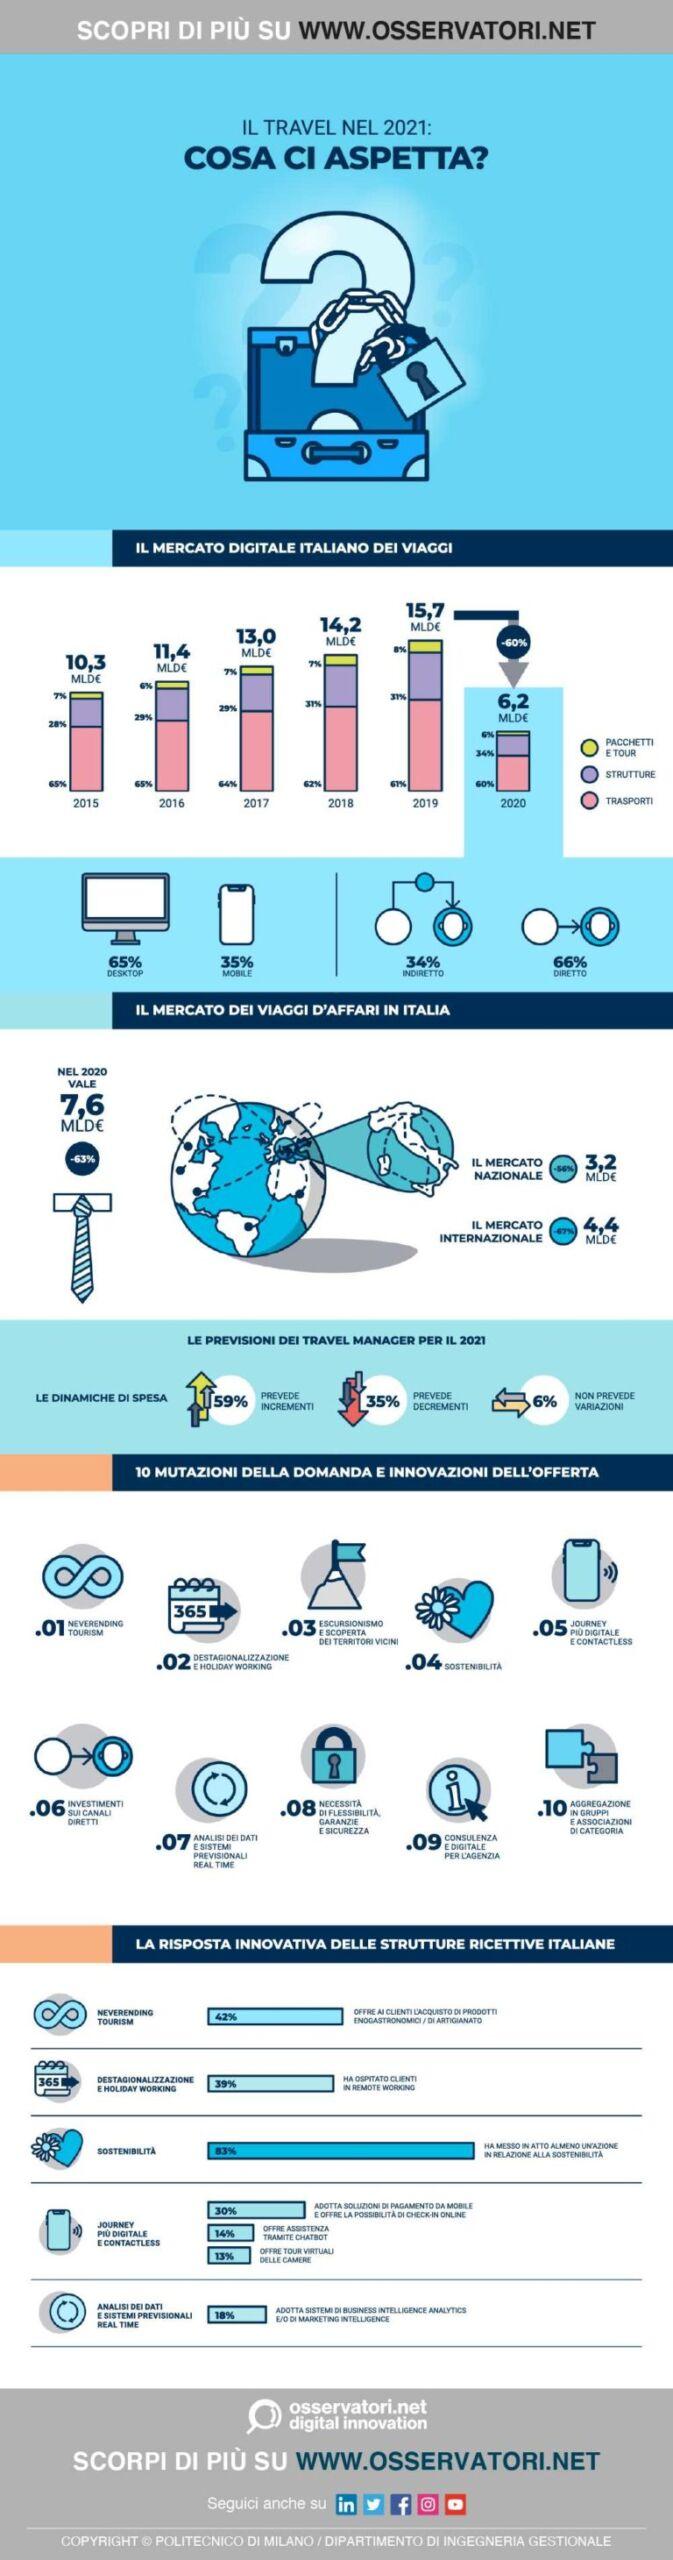 infografica turismo crollo dovuto al Covid-19